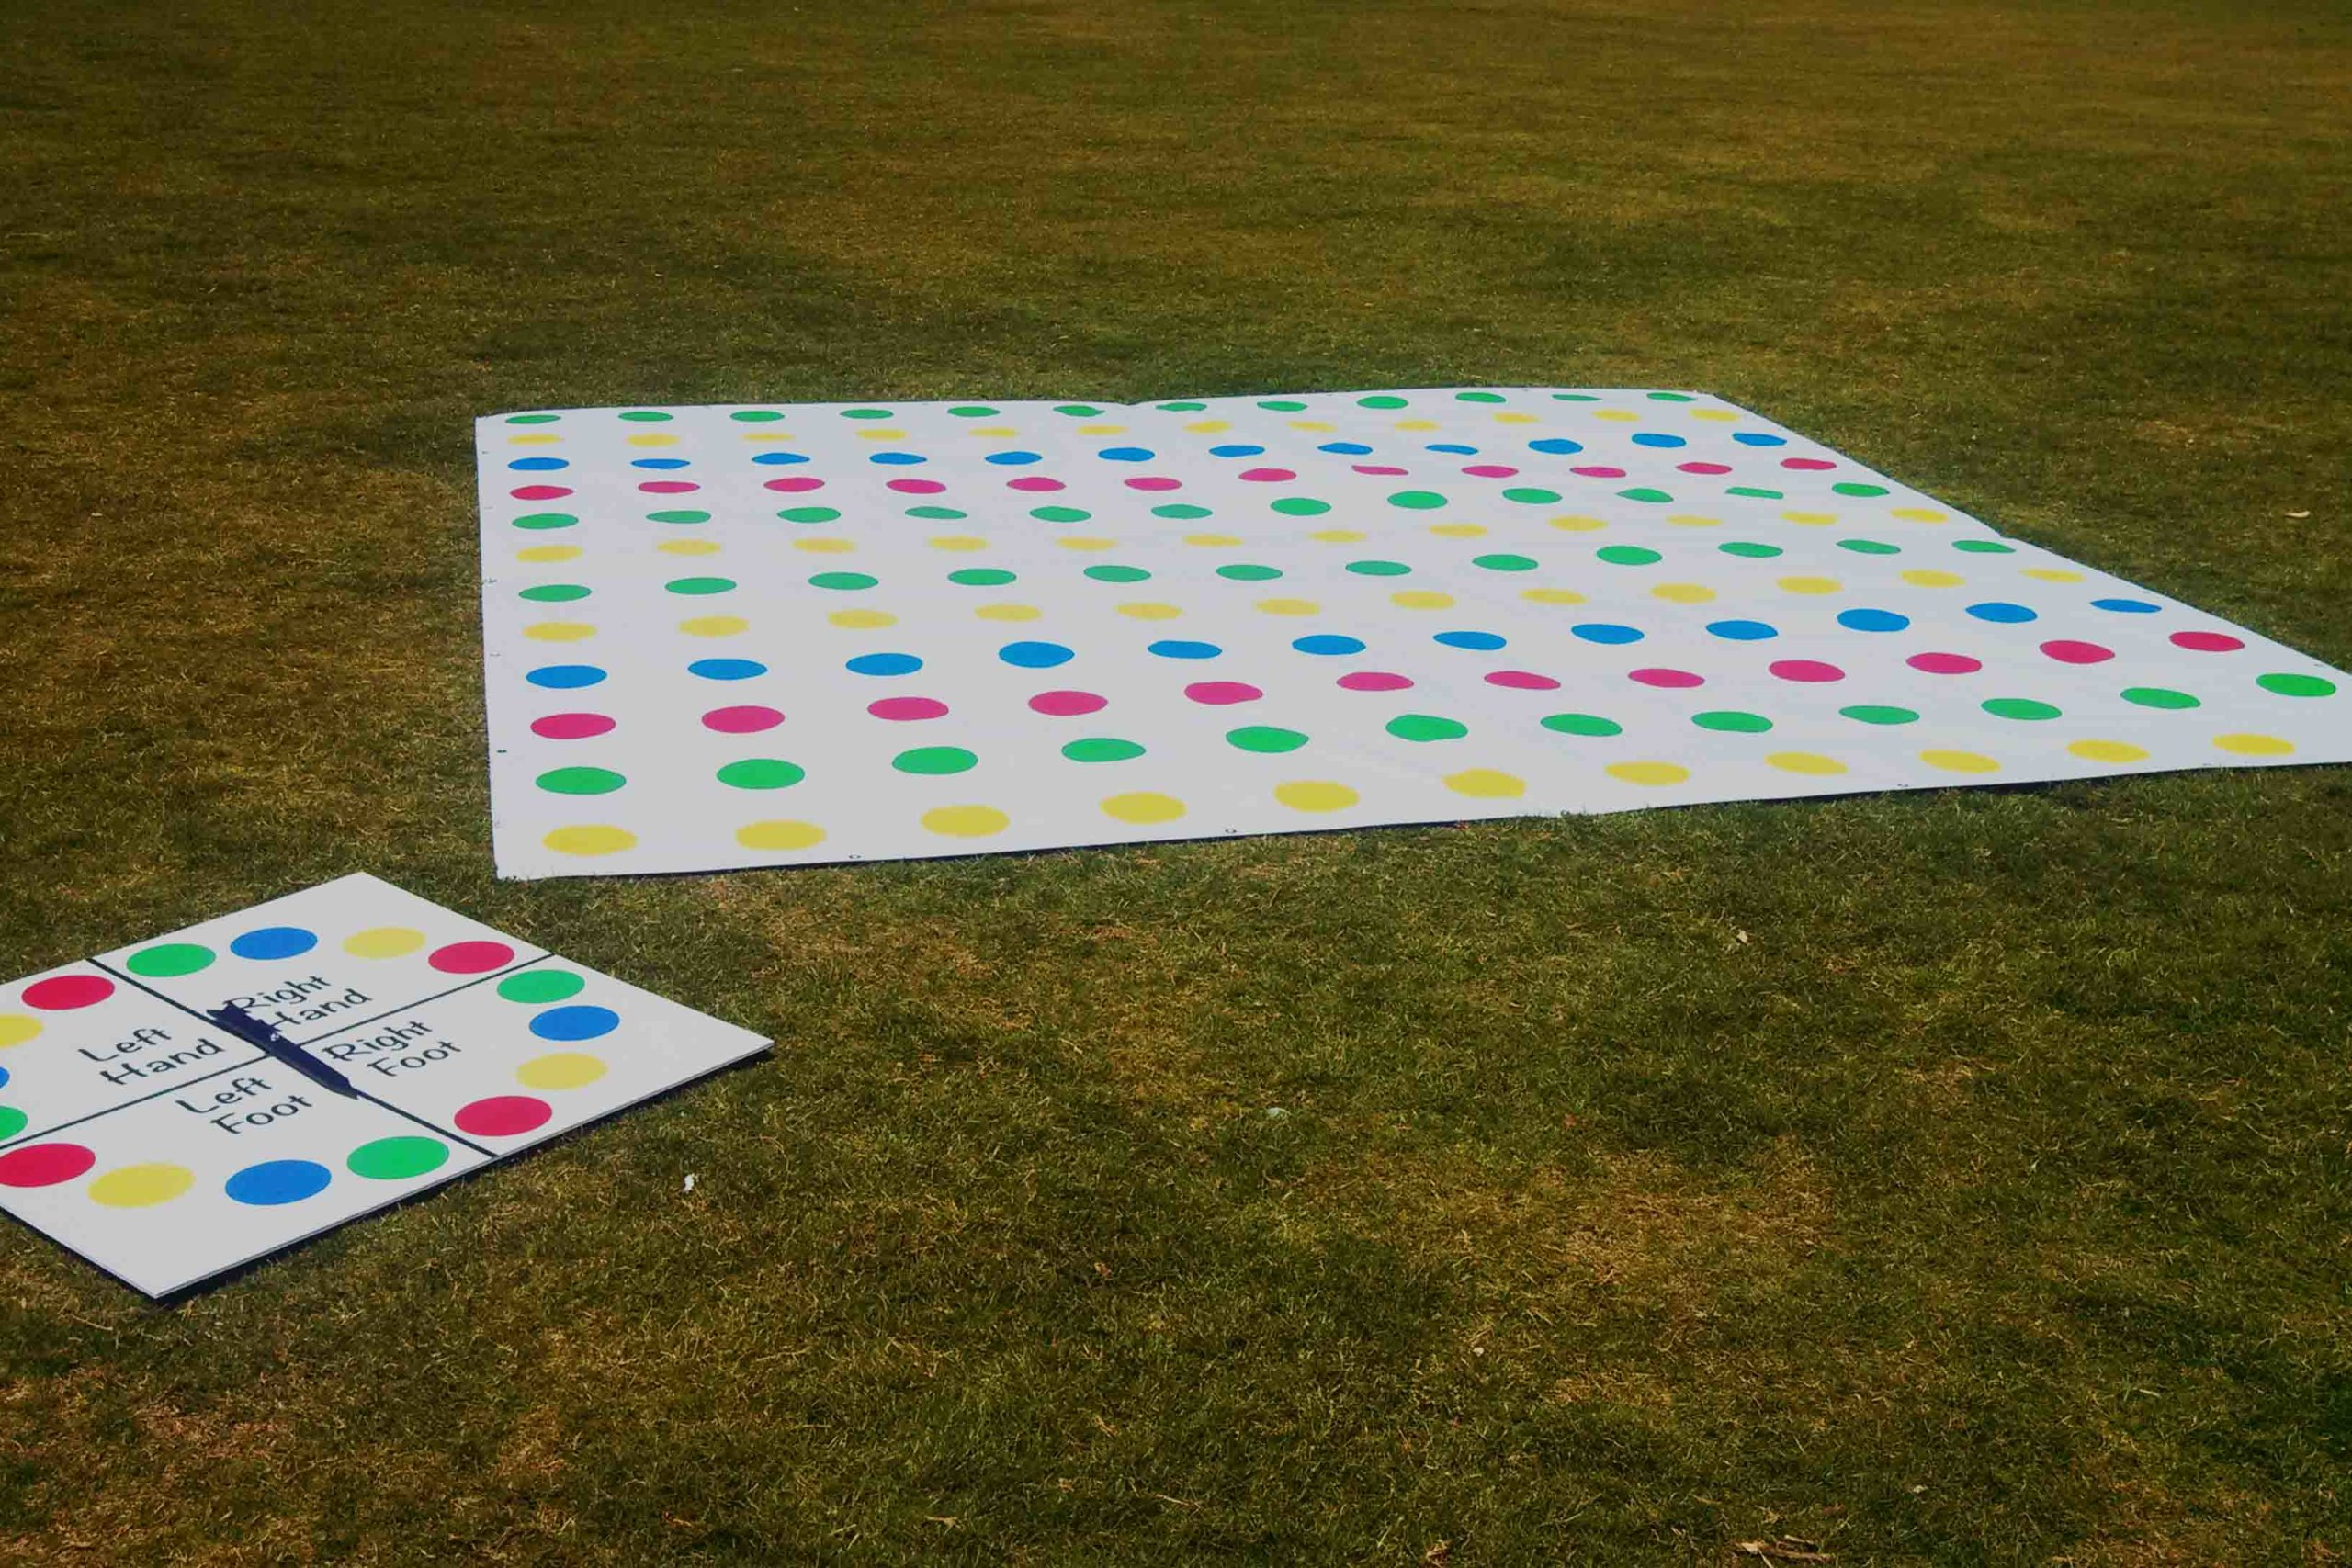 Giant Twister Game - Juego de jardín gigante - Bodas Ibiza